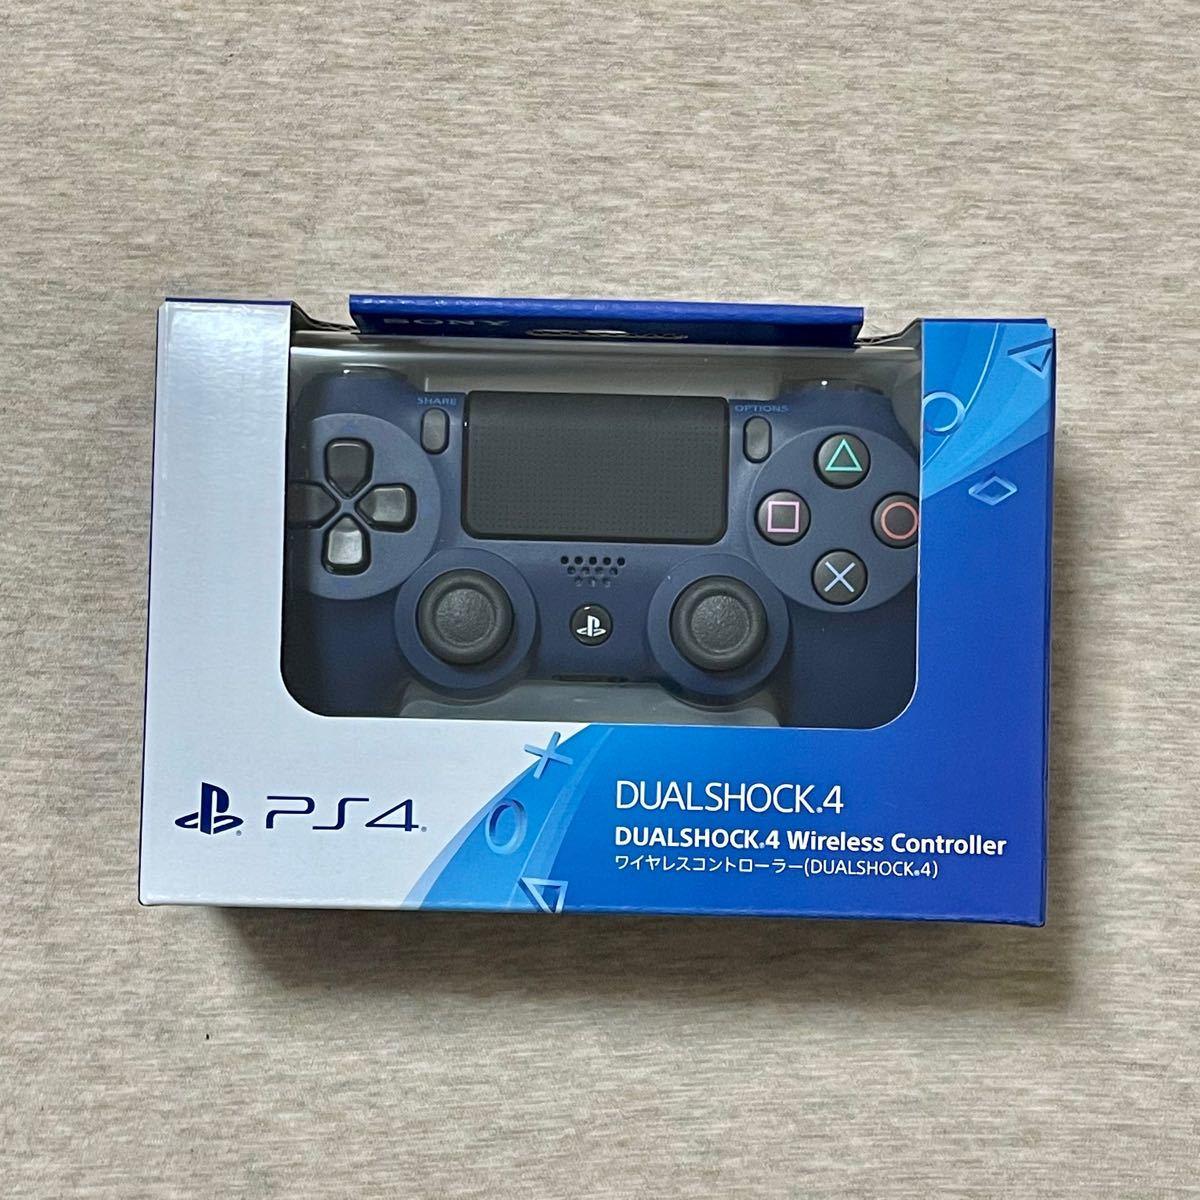 PS4 ワイヤレスコントローラー DUALSHOCK 4 ミッドナイト ブルー